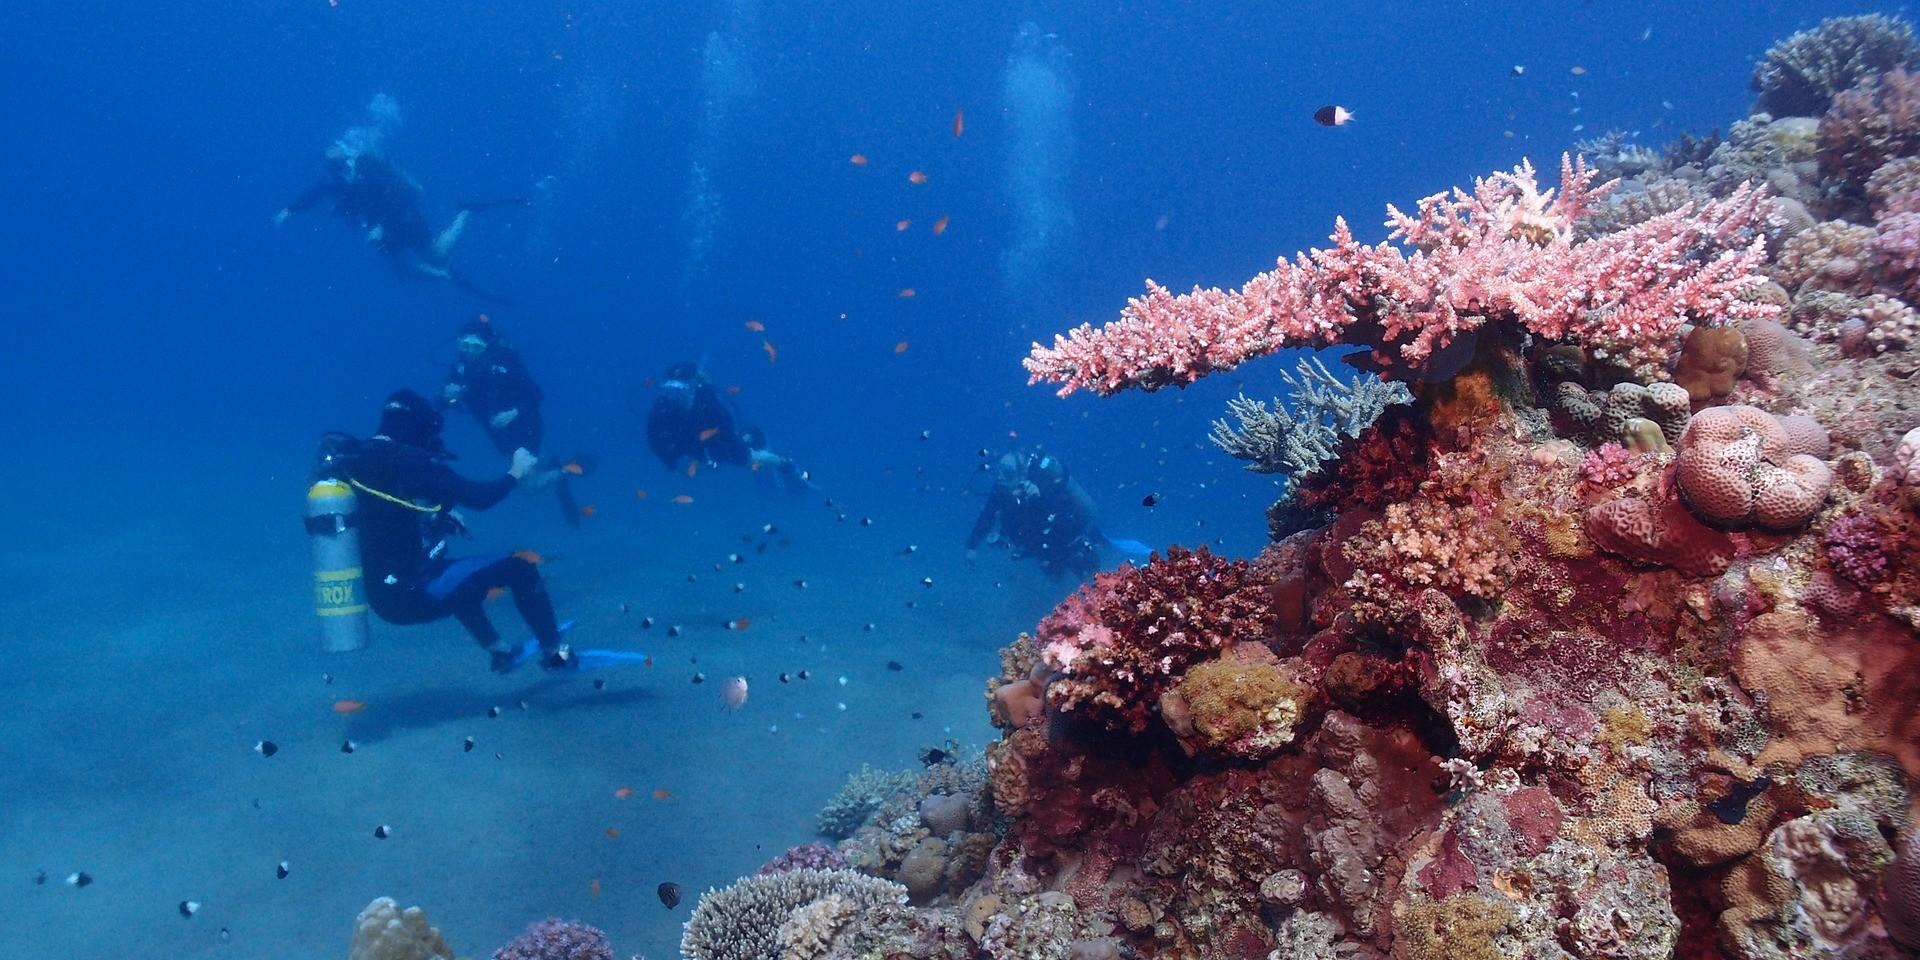 ALARMANTNO Crveni koralj se nemilice uništava, potrebno je hitno zaštititi kolonije